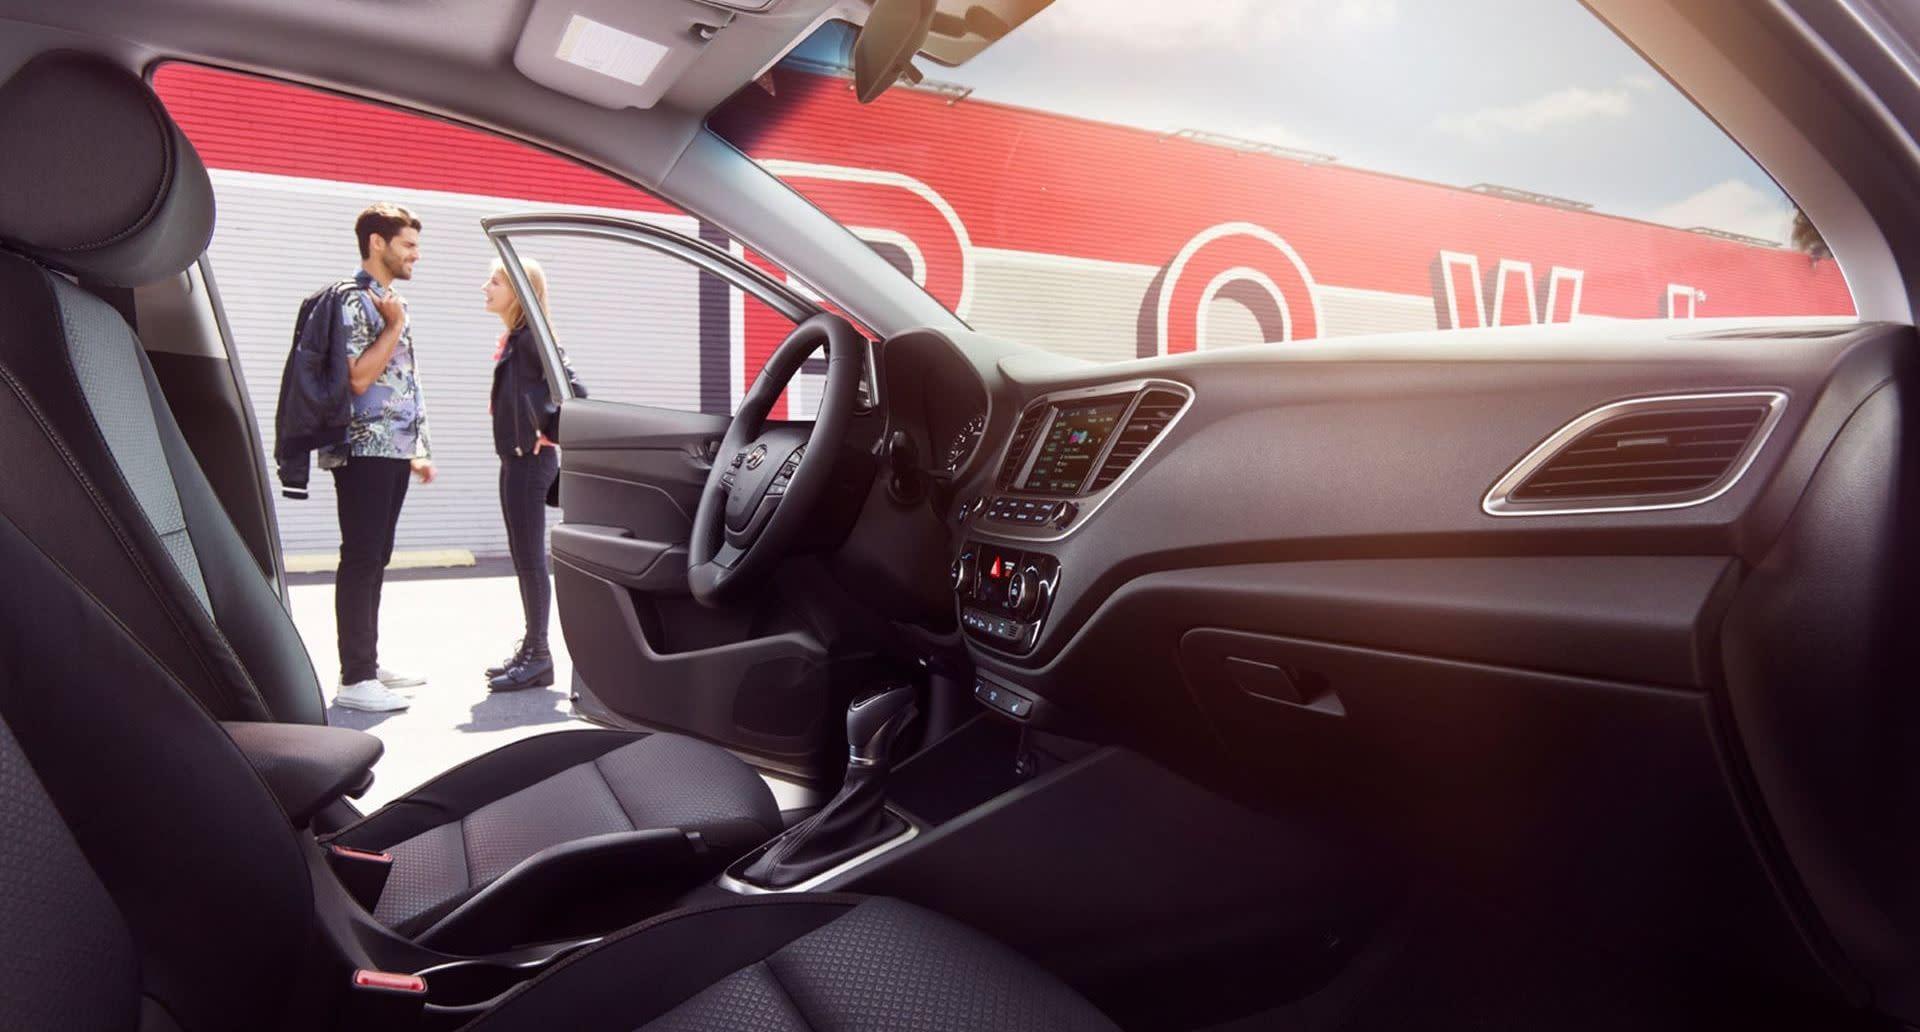 Interior of the Hyundai Accent